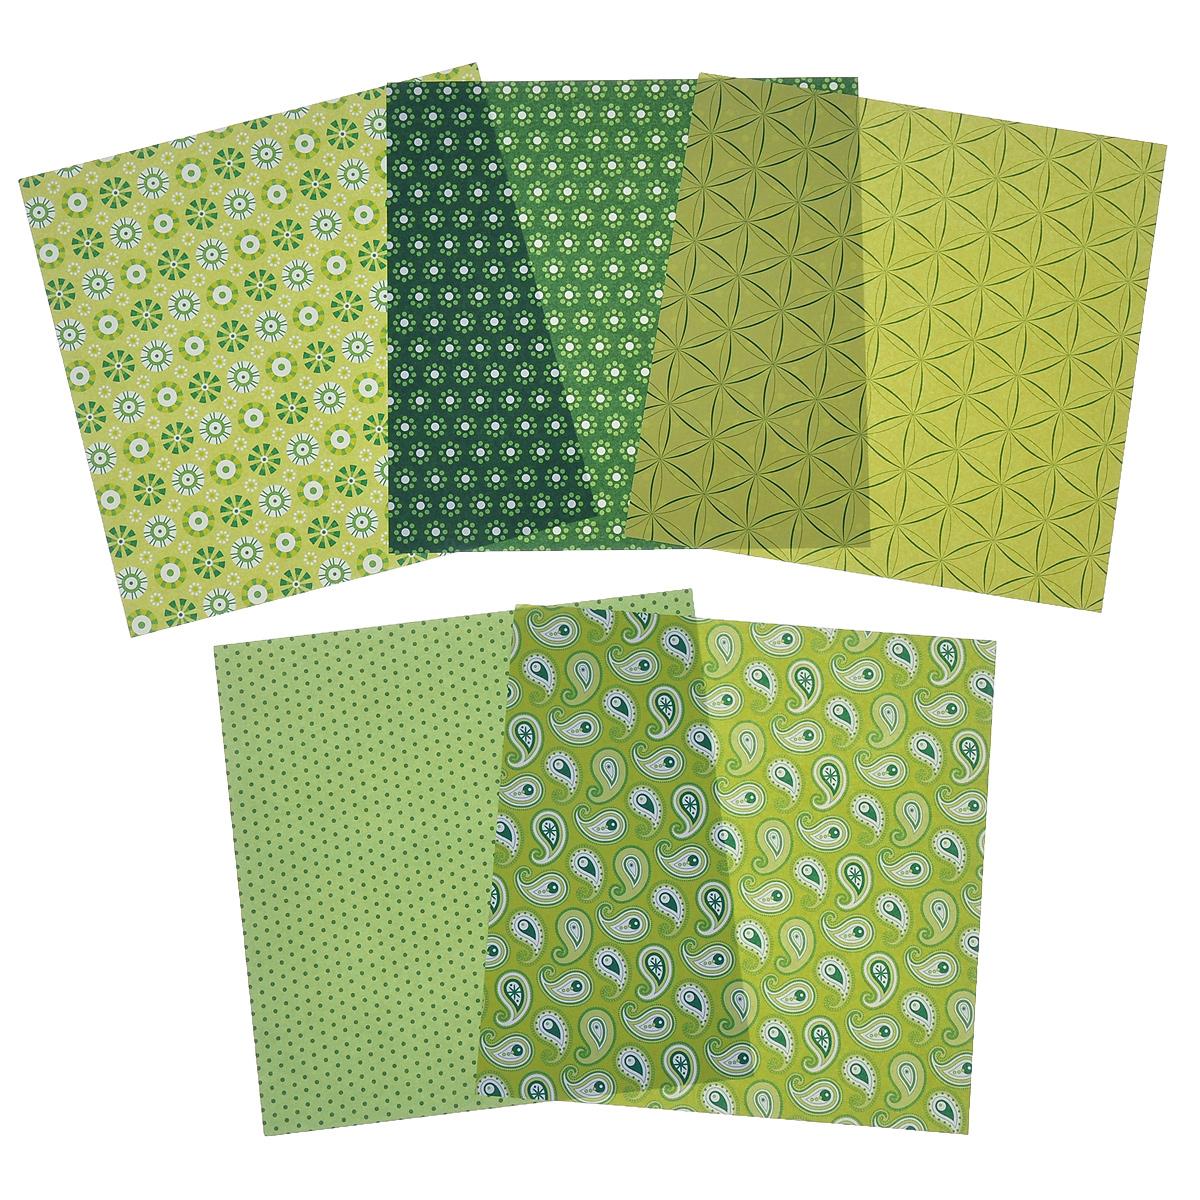 """Бумага для оригами """"Folia"""", цвет: зеленый, 15 х 15 см, 50 листов"""